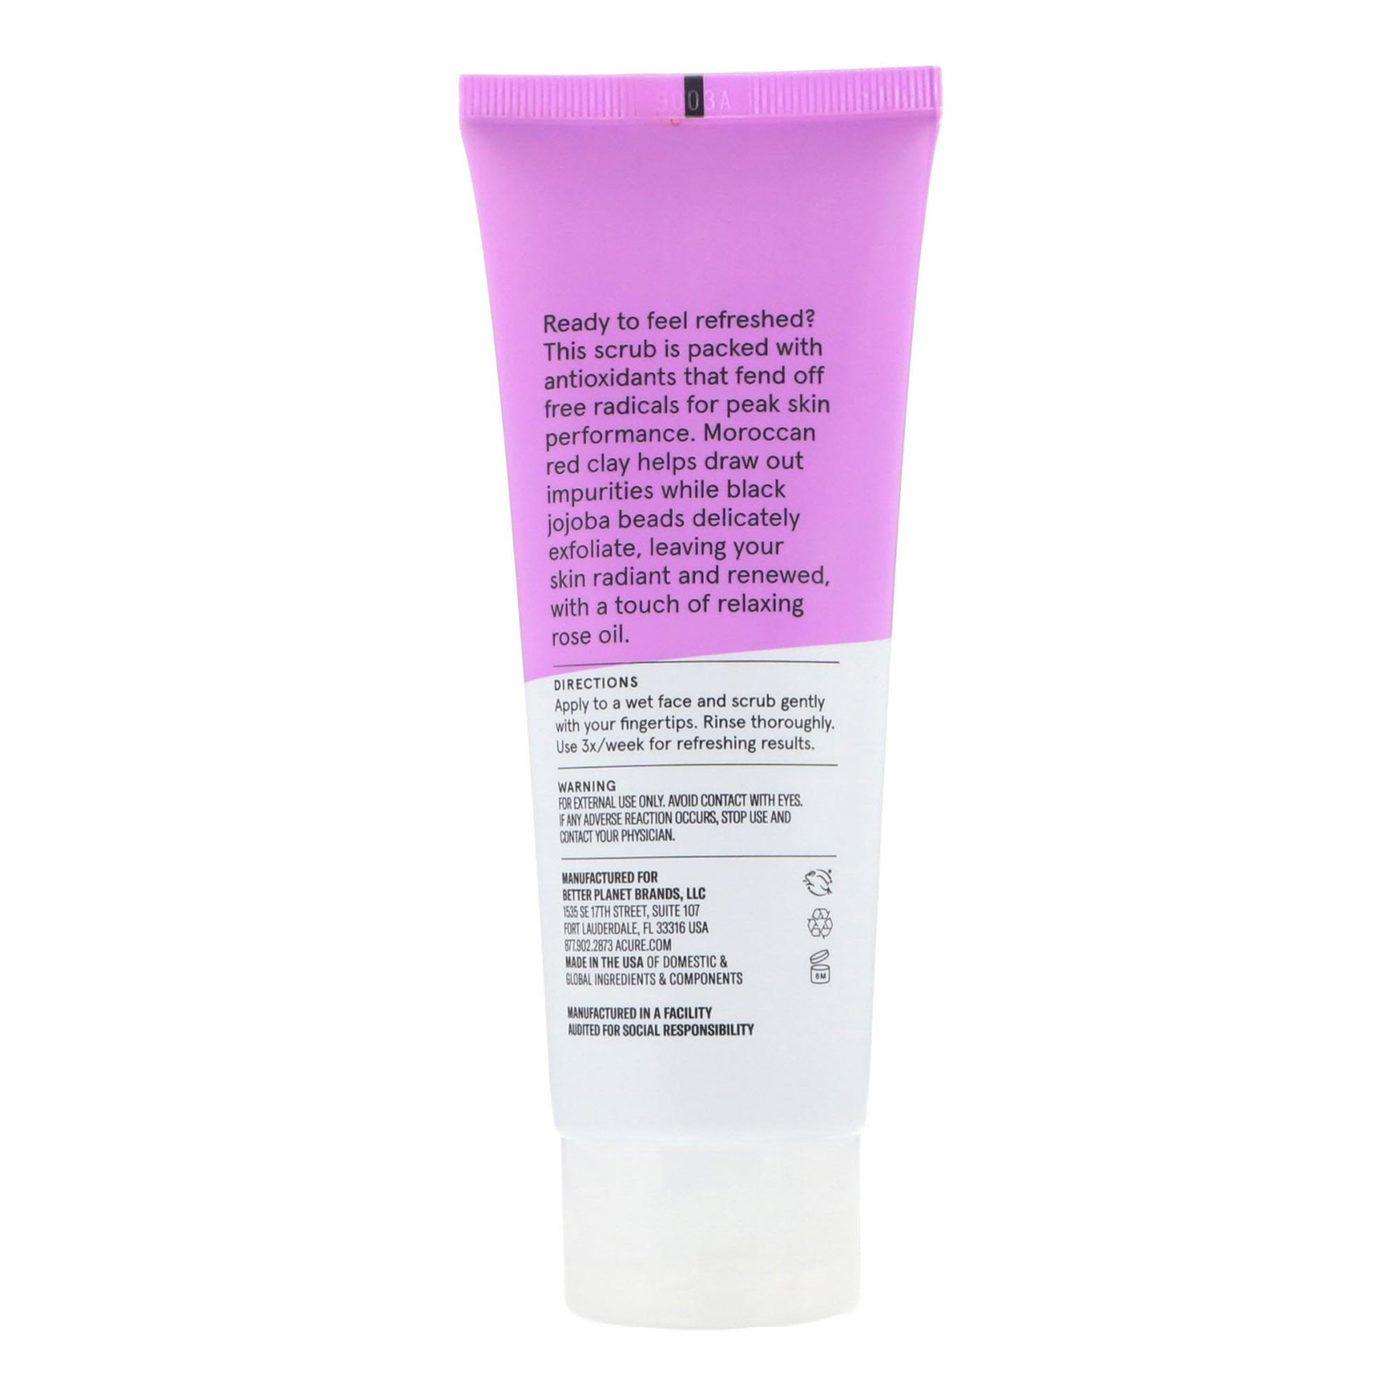 Acure Pore Minimizing Facial Scrub